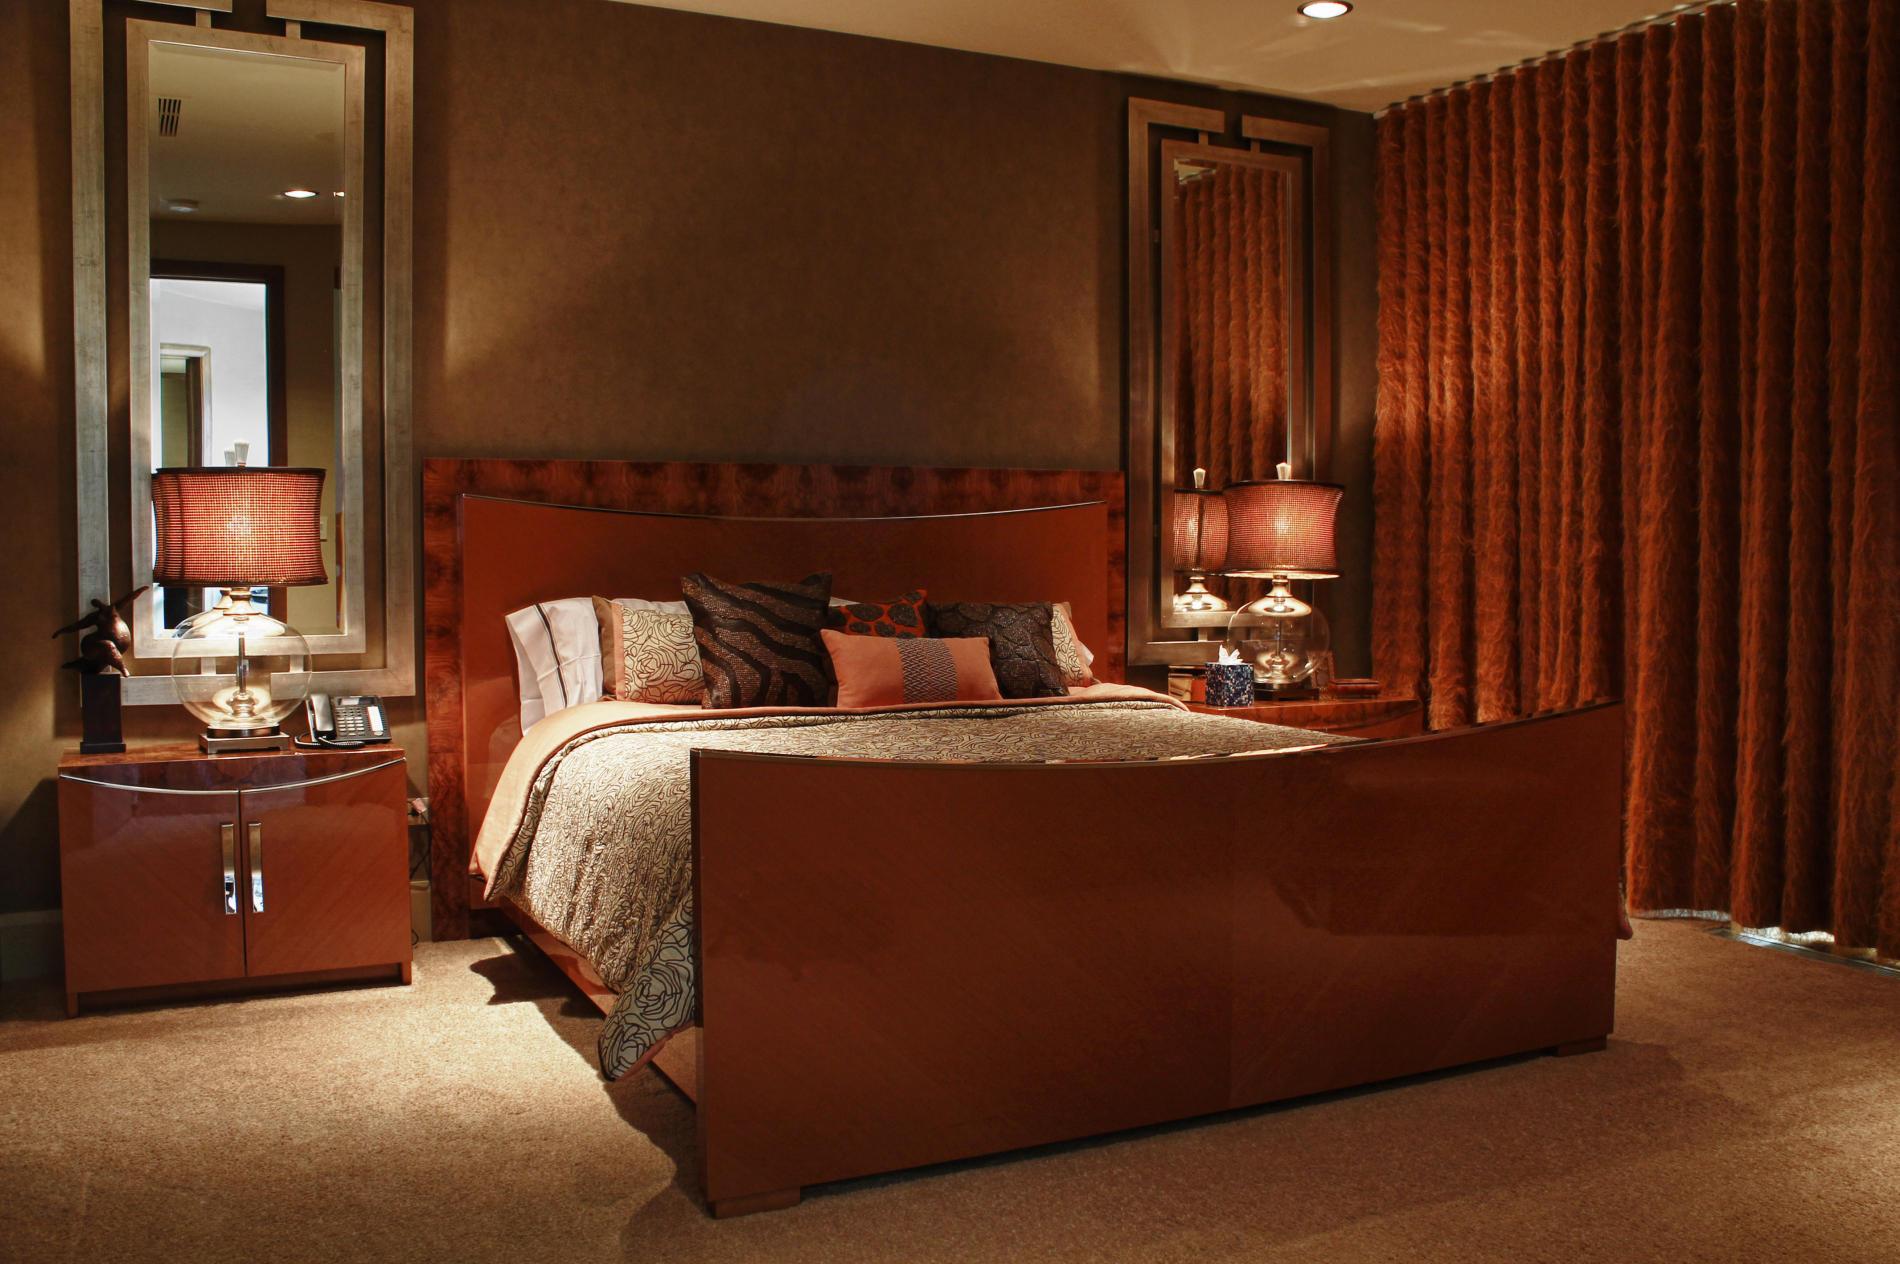 дизайн интерьера спальни в доме.jpg